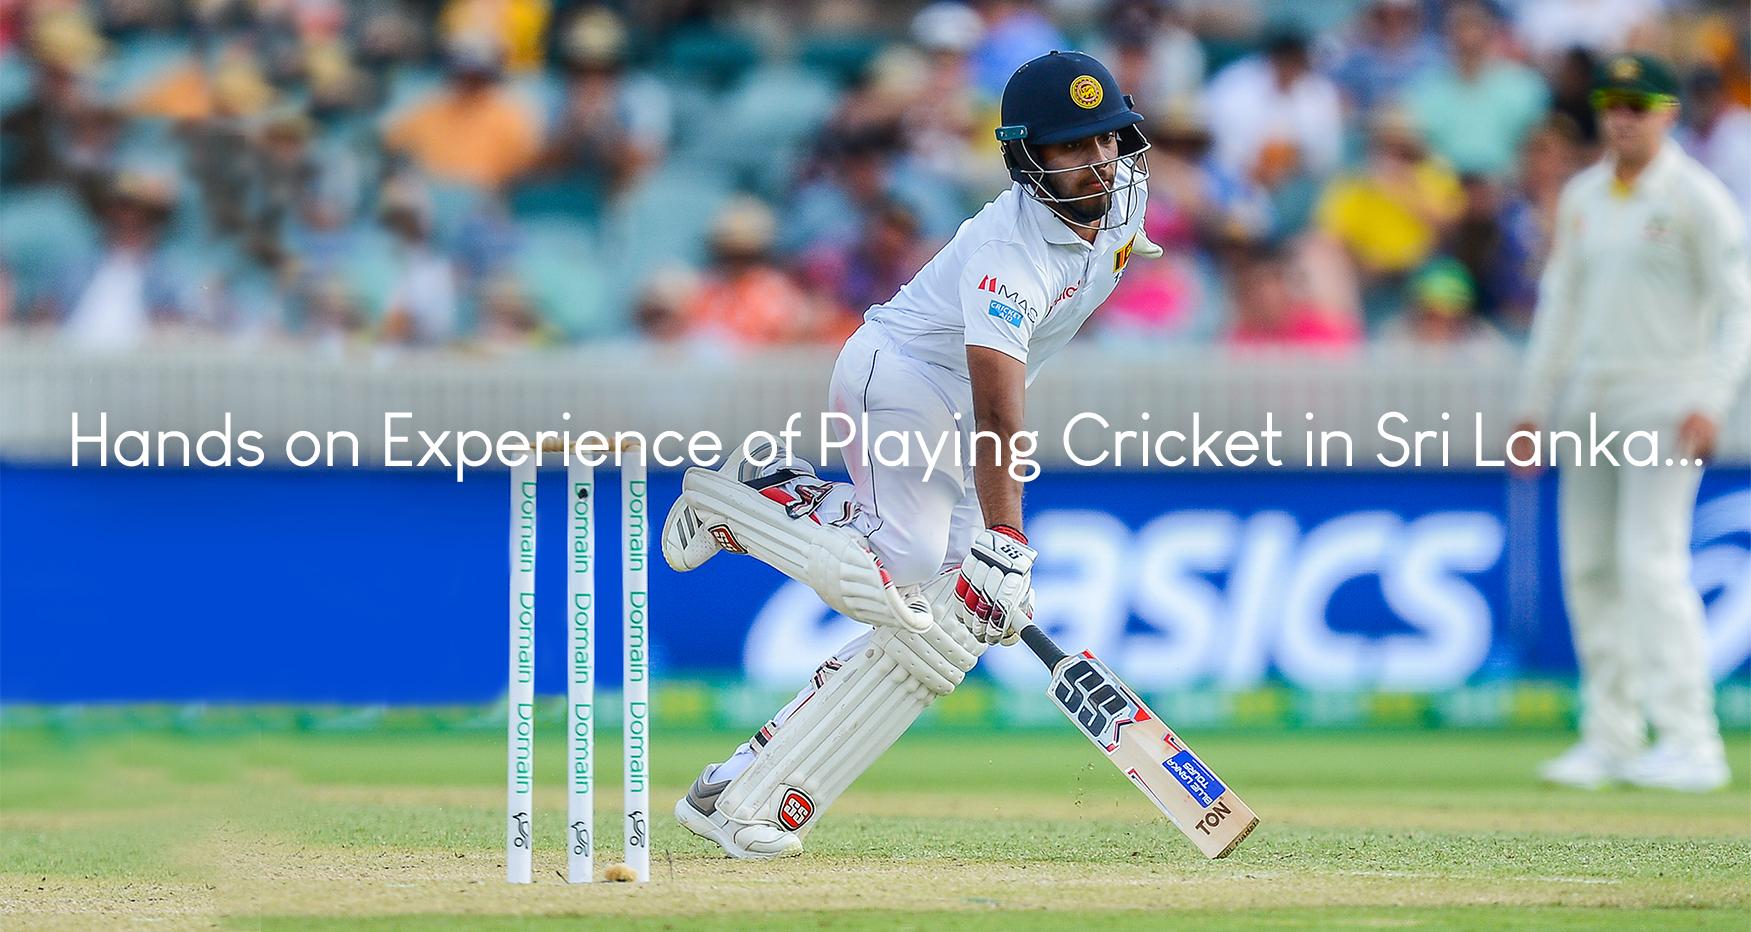 England Cricket Tour to Sri Lanka